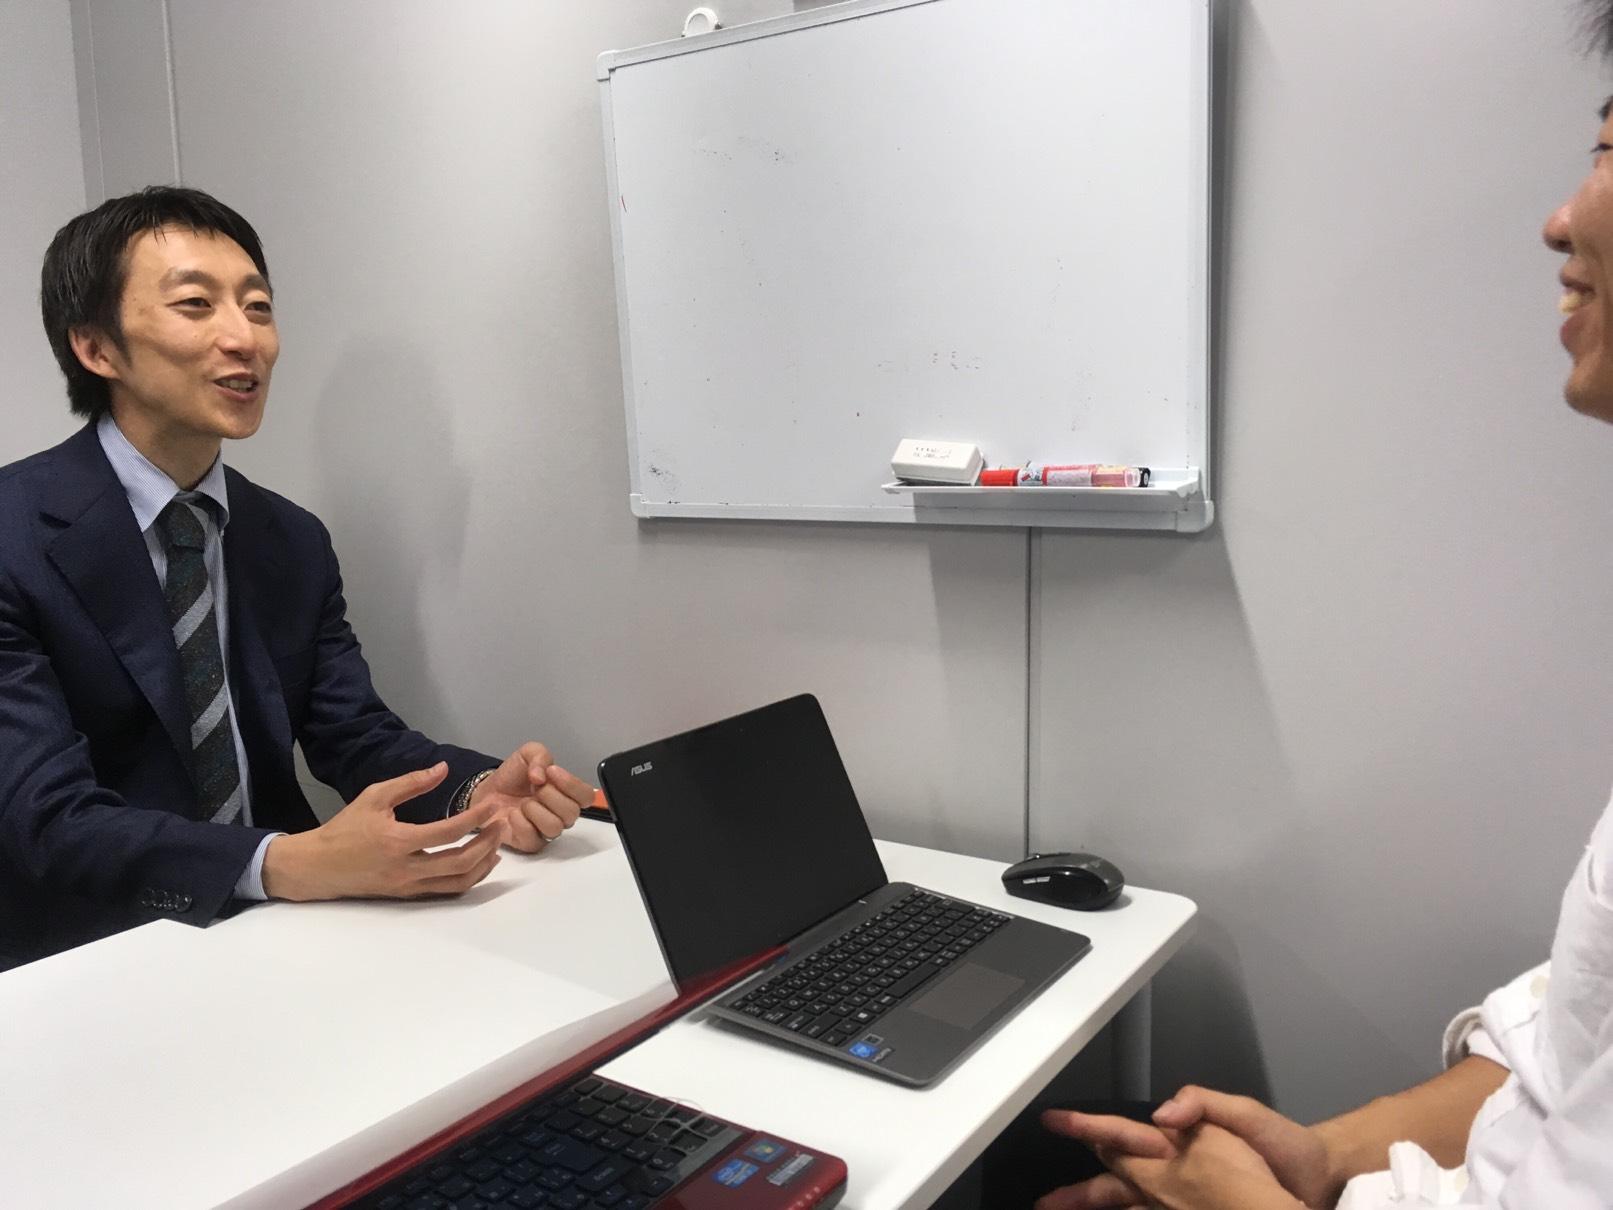 金さん_インタビュー時